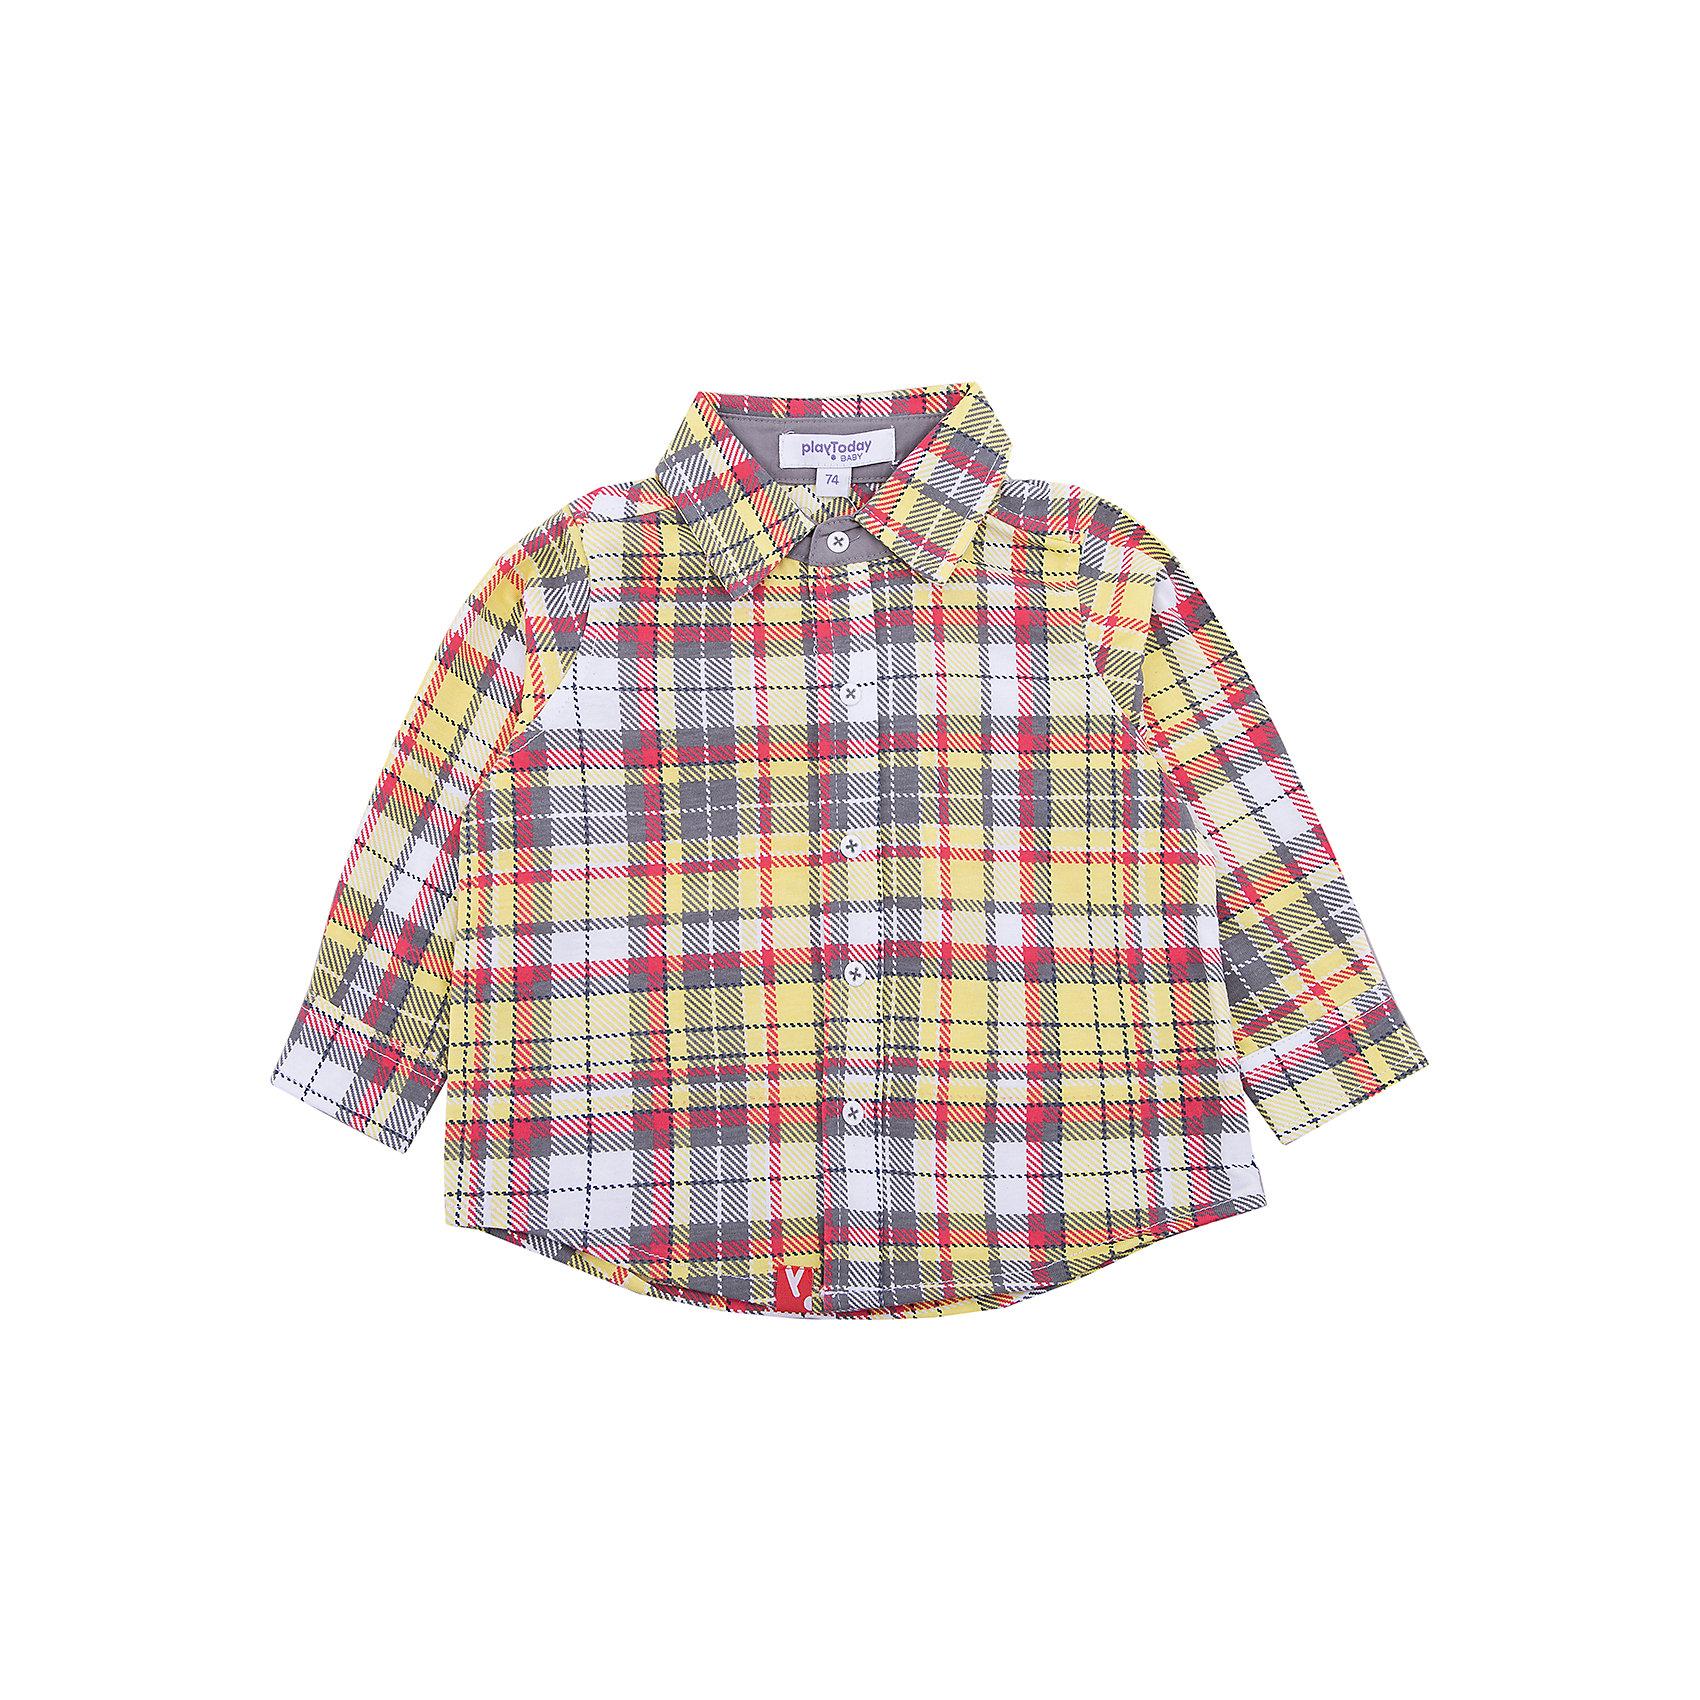 Рубашка PlayToday для мальчикаБлузки и рубашки<br>Рубашка PlayToday для мальчика<br>Рубашка для мальчика выполнена ярких, сочных цветах. Модель из трикотажа с набивкой в клетку. В качестве застежек использованы кнопки с имитацией пуговиц.<br>Состав:<br>65% хлопок, 35% полиэстер<br><br>Ширина мм: 174<br>Глубина мм: 10<br>Высота мм: 169<br>Вес г: 157<br>Цвет: белый<br>Возраст от месяцев: 18<br>Возраст до месяцев: 24<br>Пол: Мужской<br>Возраст: Детский<br>Размер: 92,74,80,86<br>SKU: 7109894